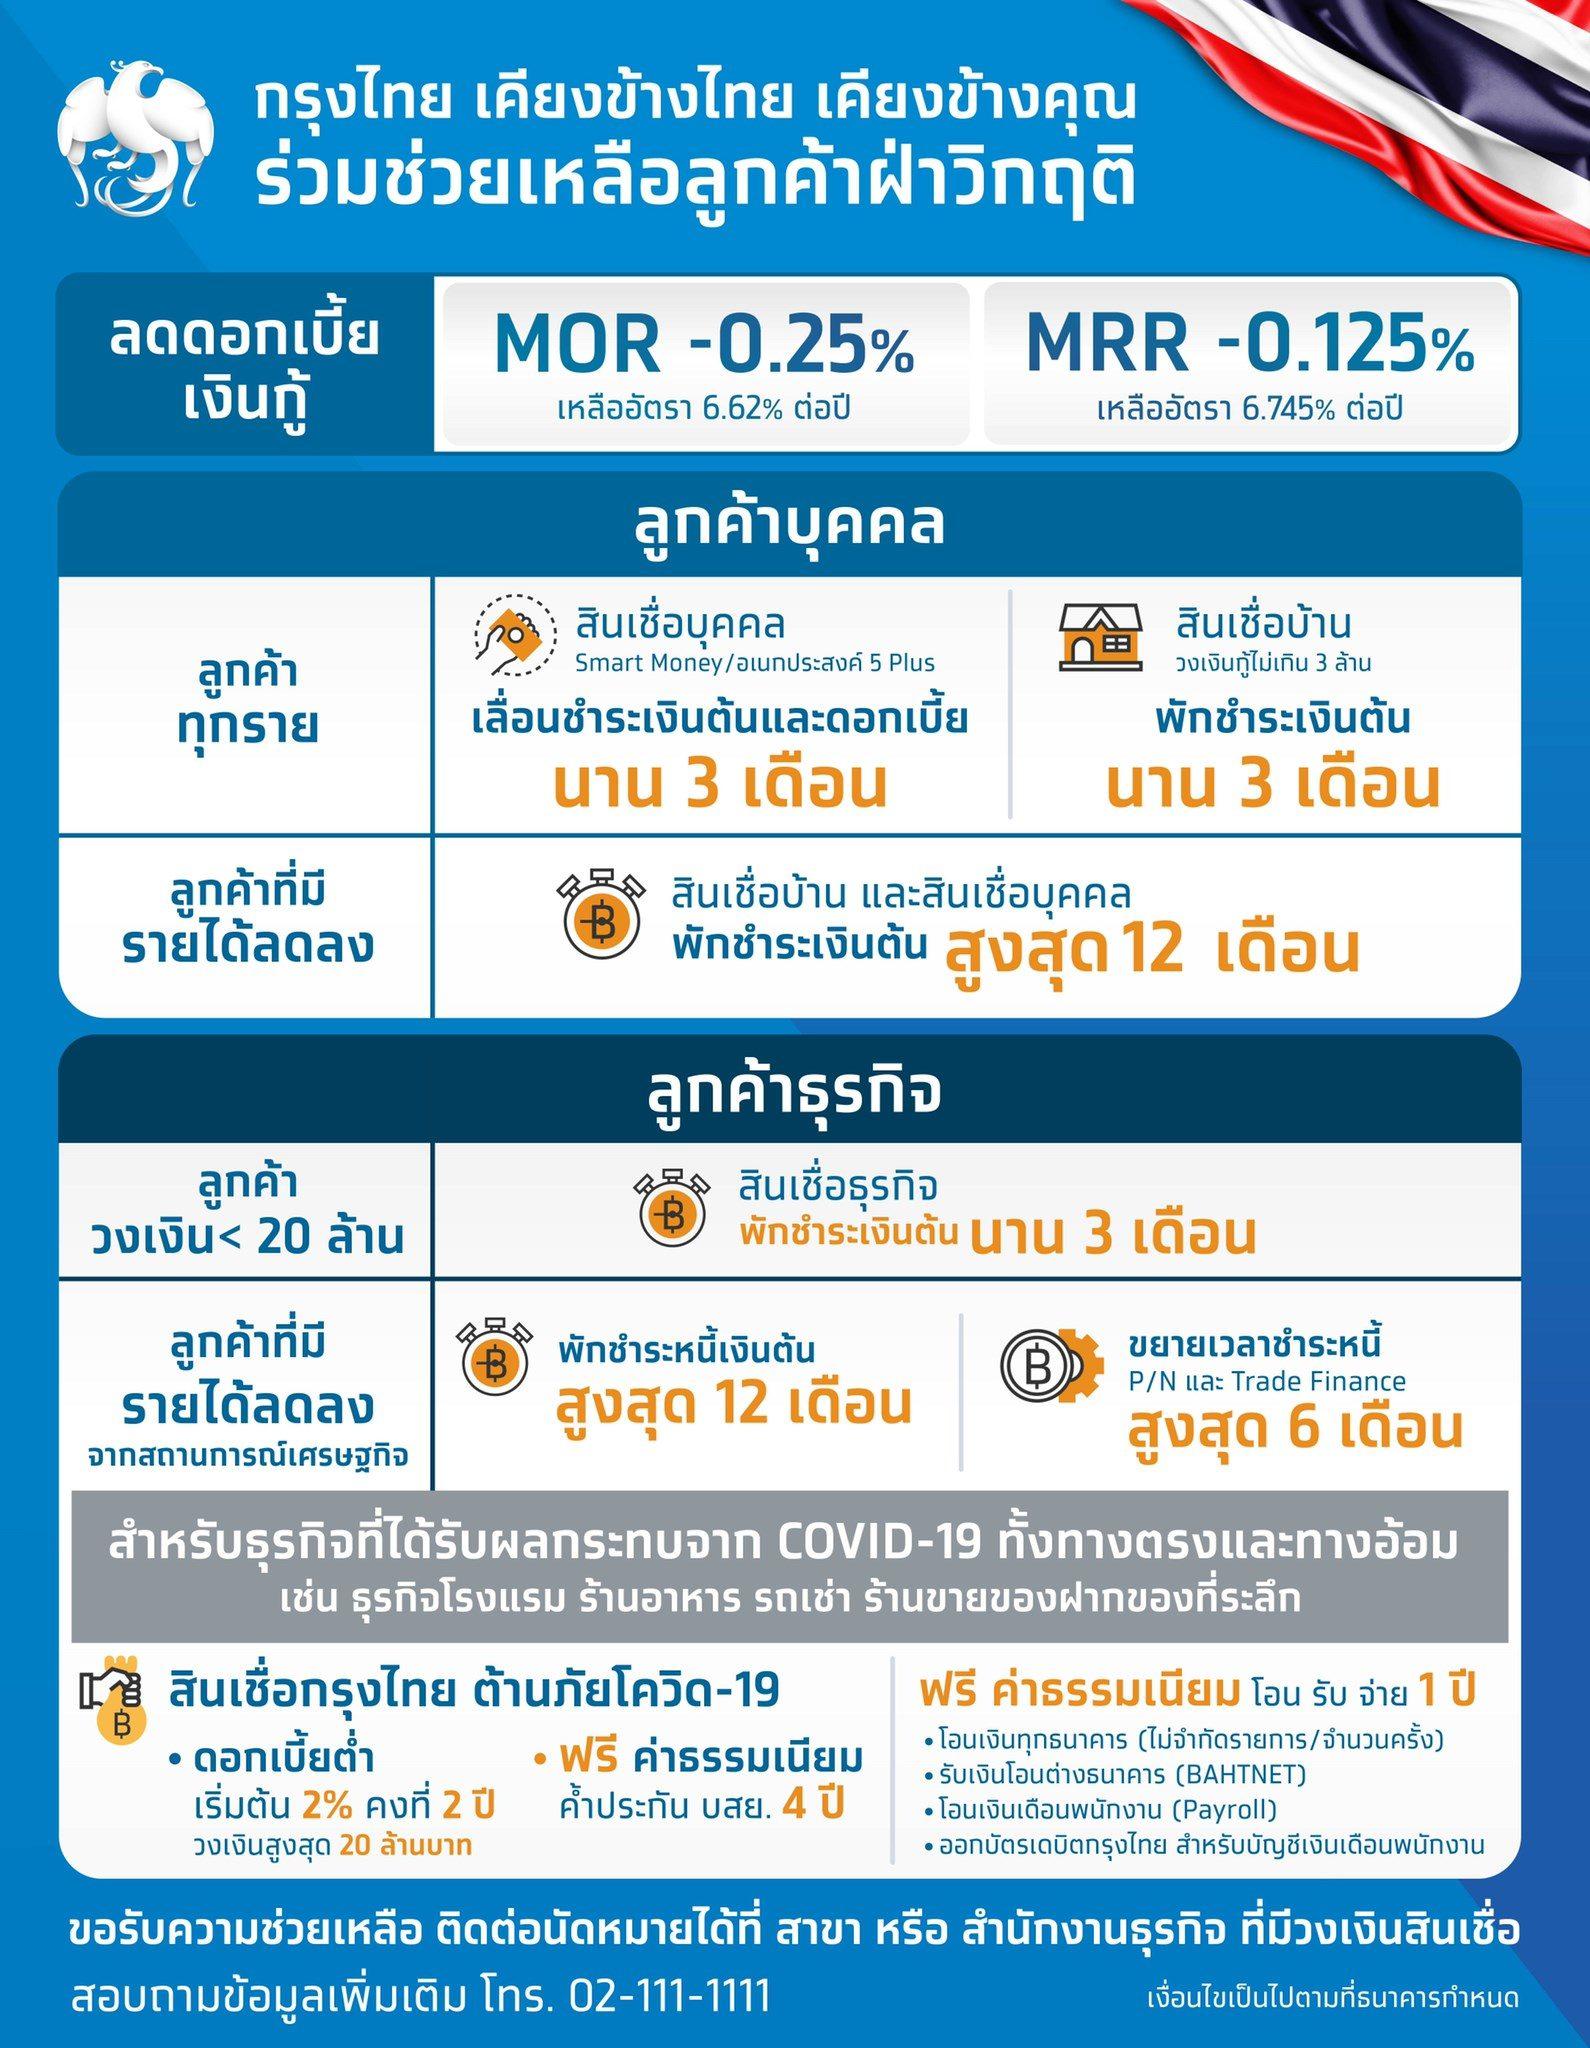 กรุงไทยอัดทุกมาตรการช่วยลูกค้าโควิด-19 ลดดอกเบี้ย พักเงินต้น ให้กู้ใหม่